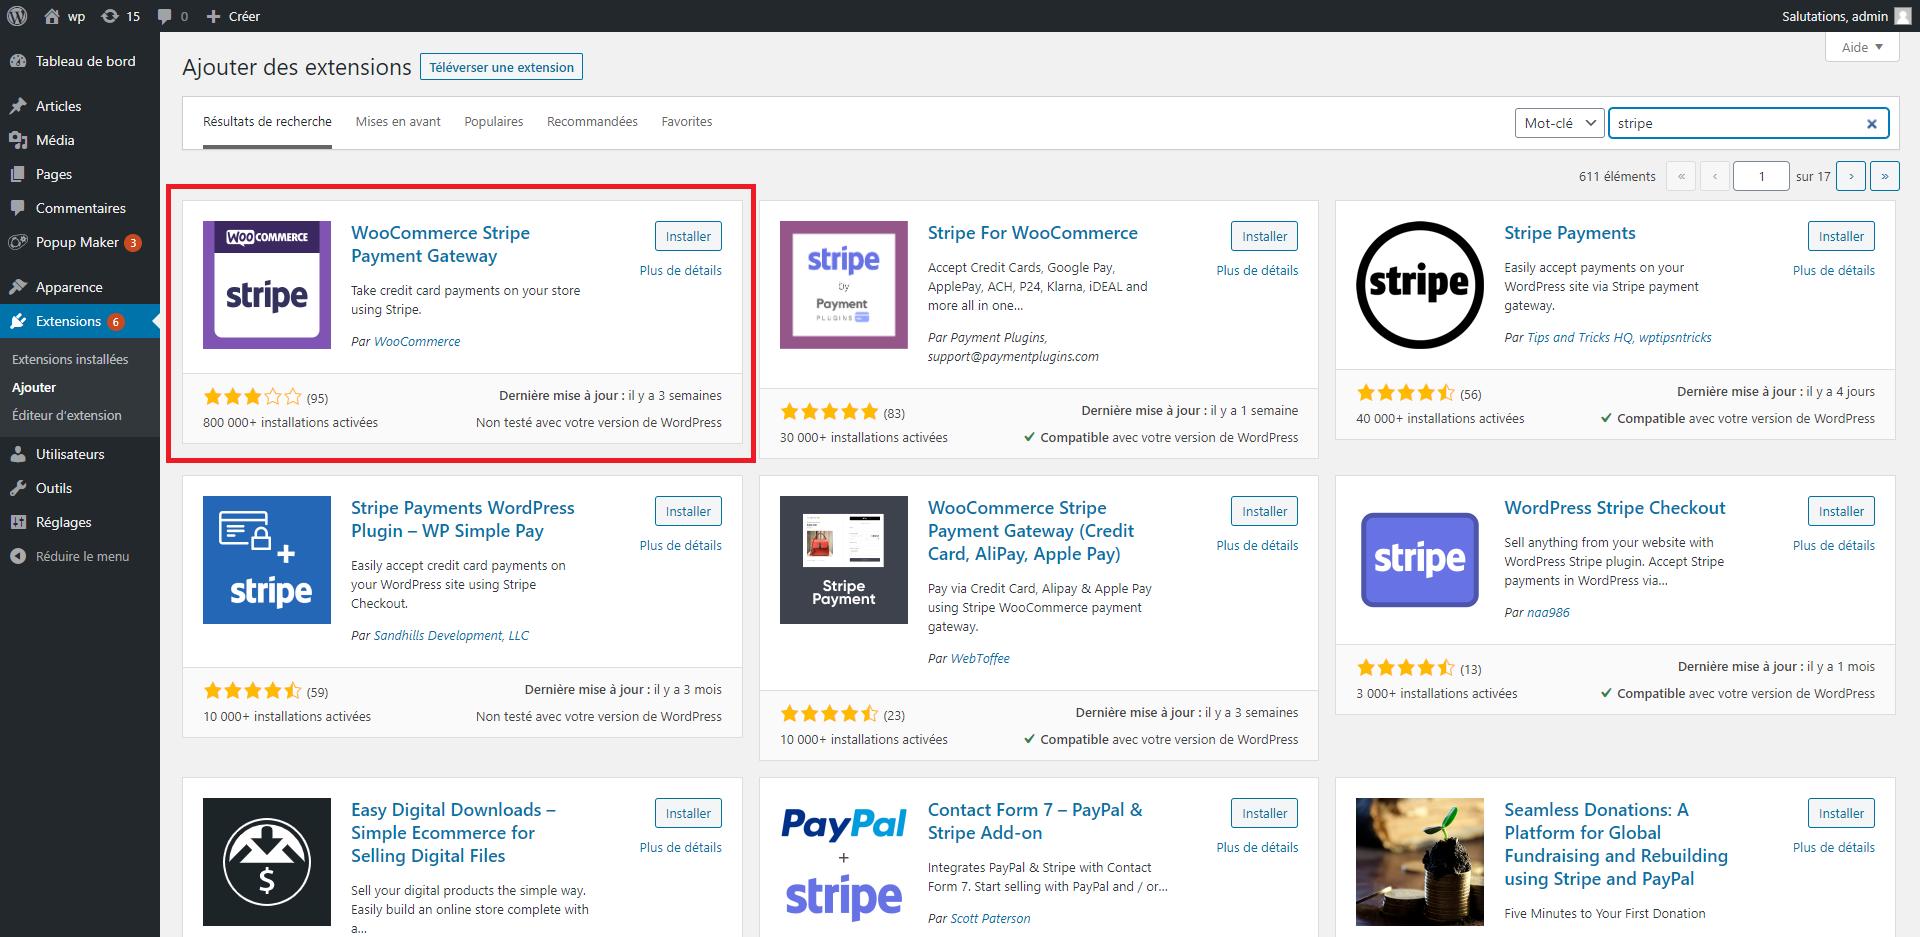 Activer l'extension Stripe pour Google Pay et Apple Pay